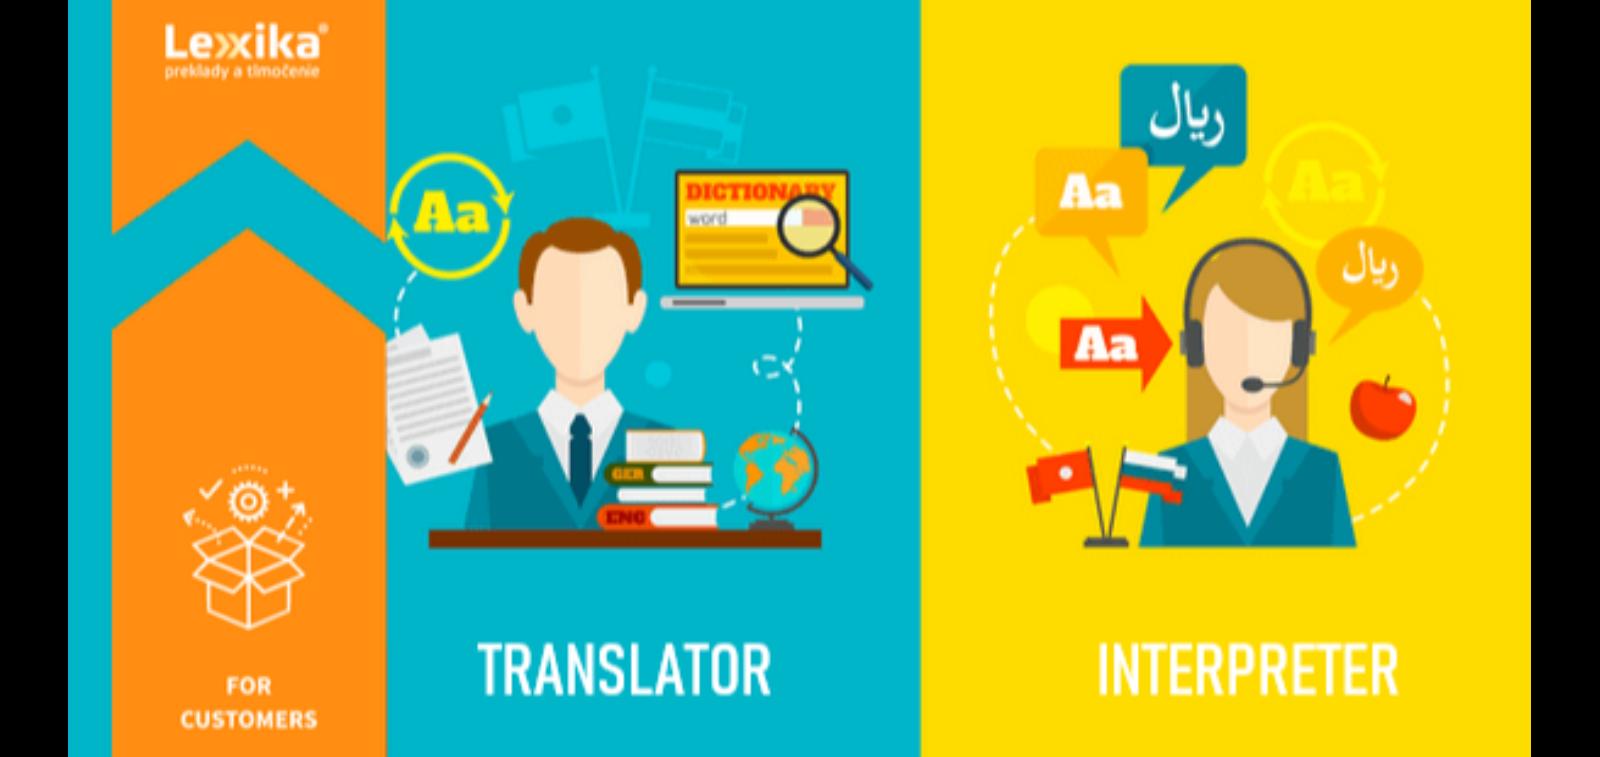 Çevirmen ilanı